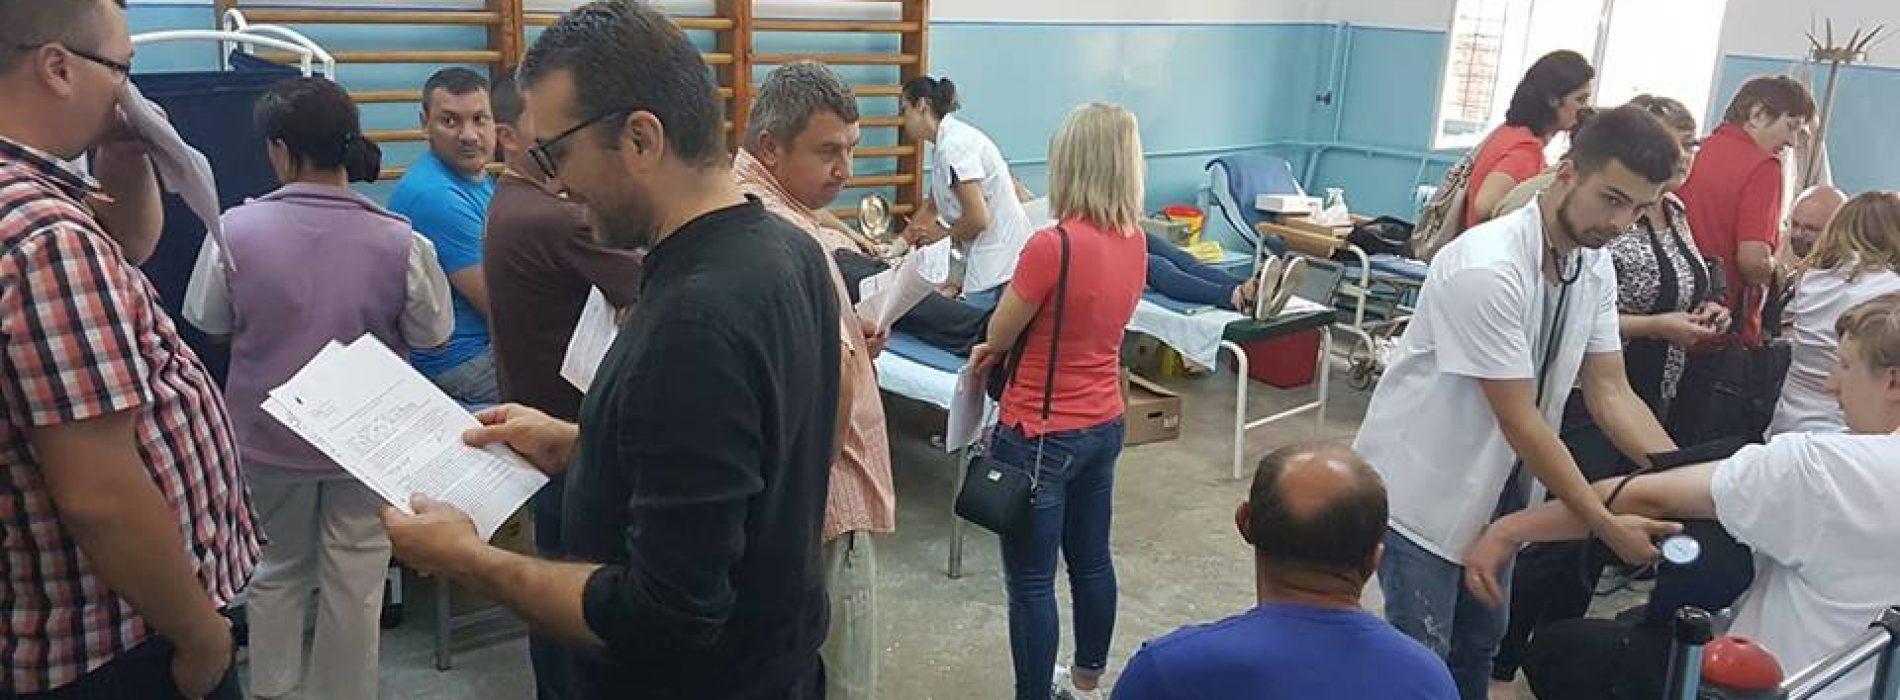 """Vasile Vlașin: """"Dorim să formăm o GENERAȚIE de DONATORI de sânge"""". Asociația Părinți Salvatori continuă campania județeană de donare. Azi, Vișeu de Sus"""